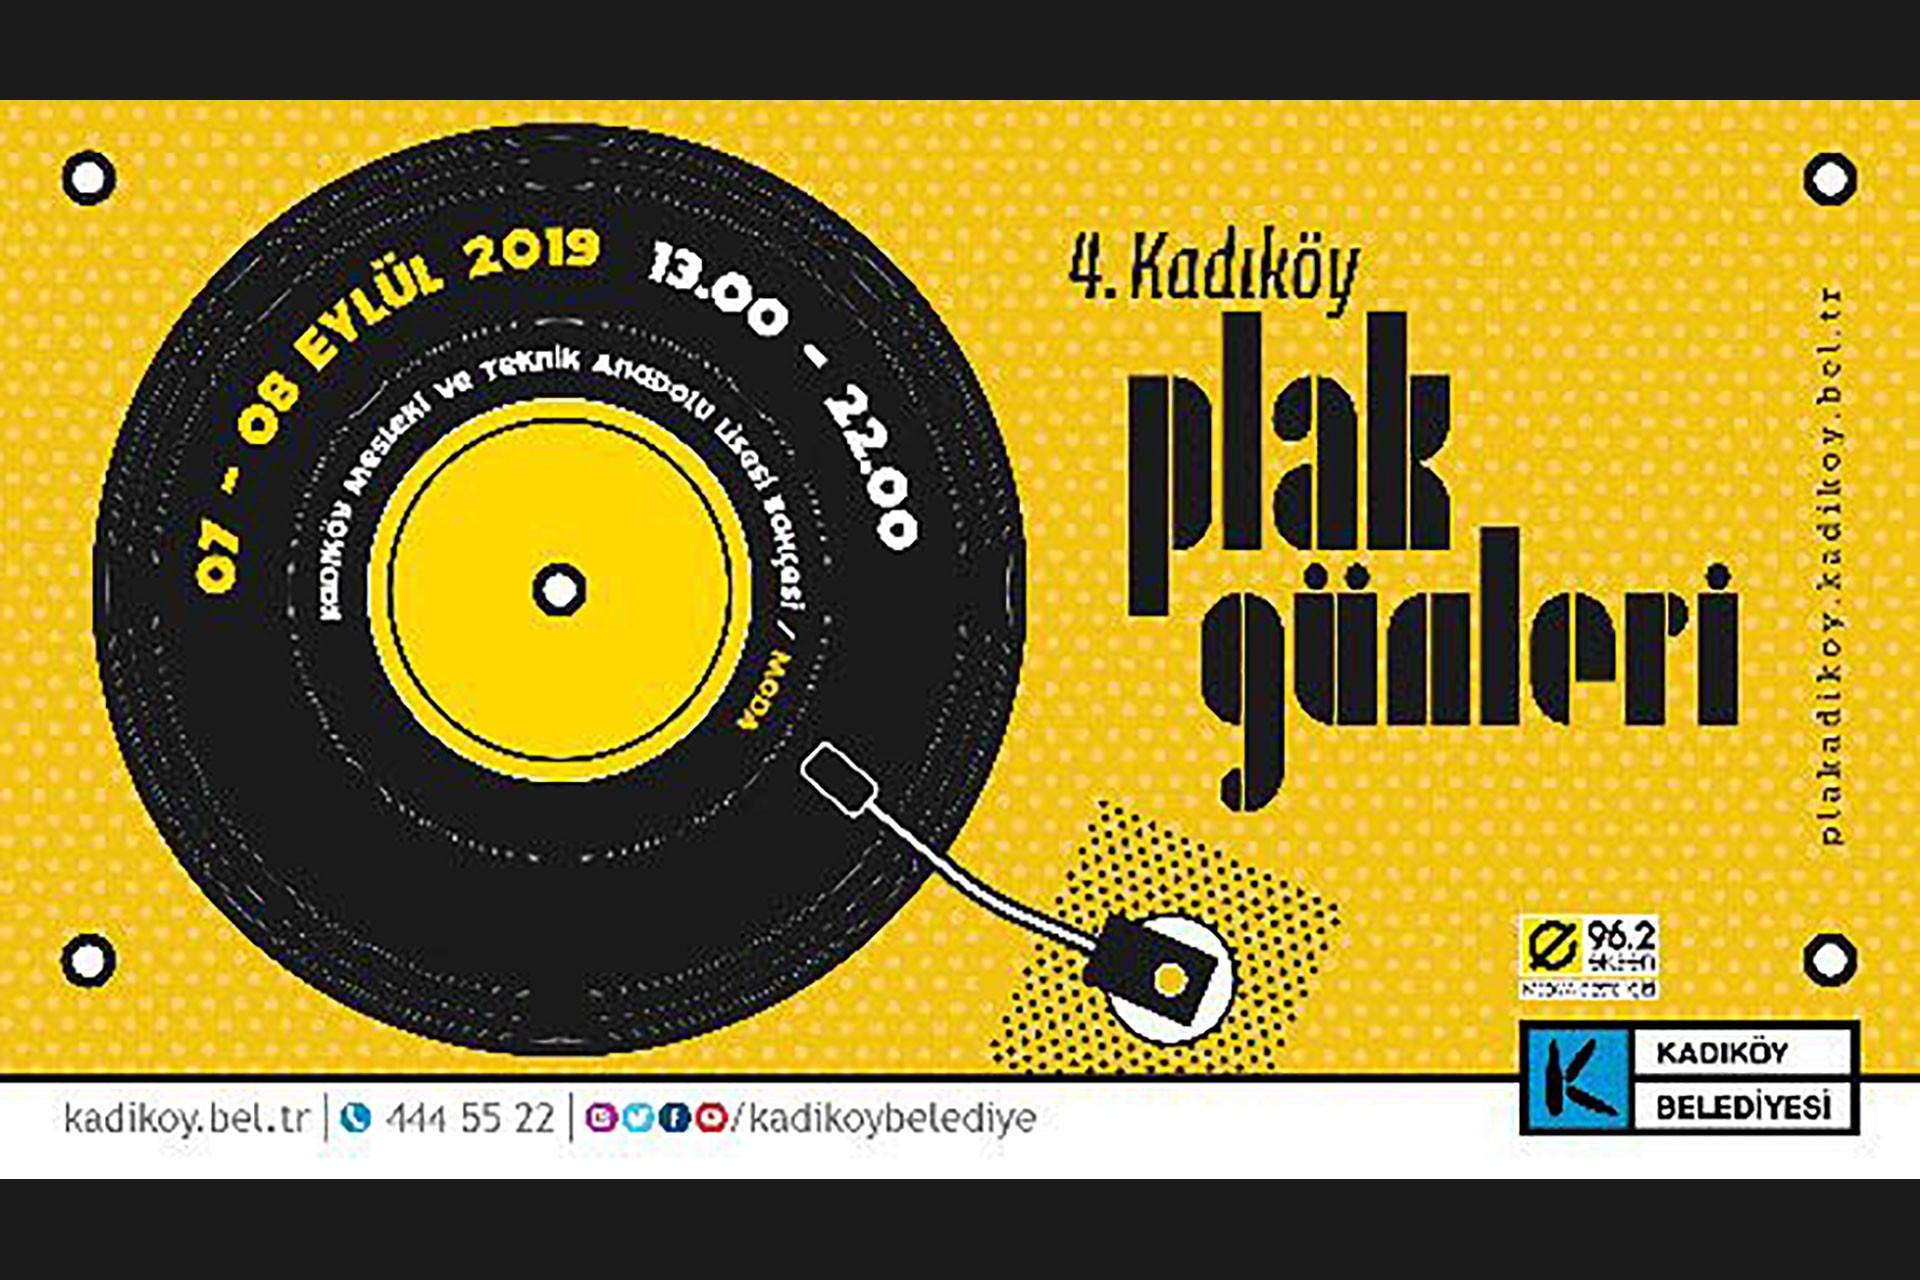 Kadıköy Plak Günleri yarın Moda'da başlıyor